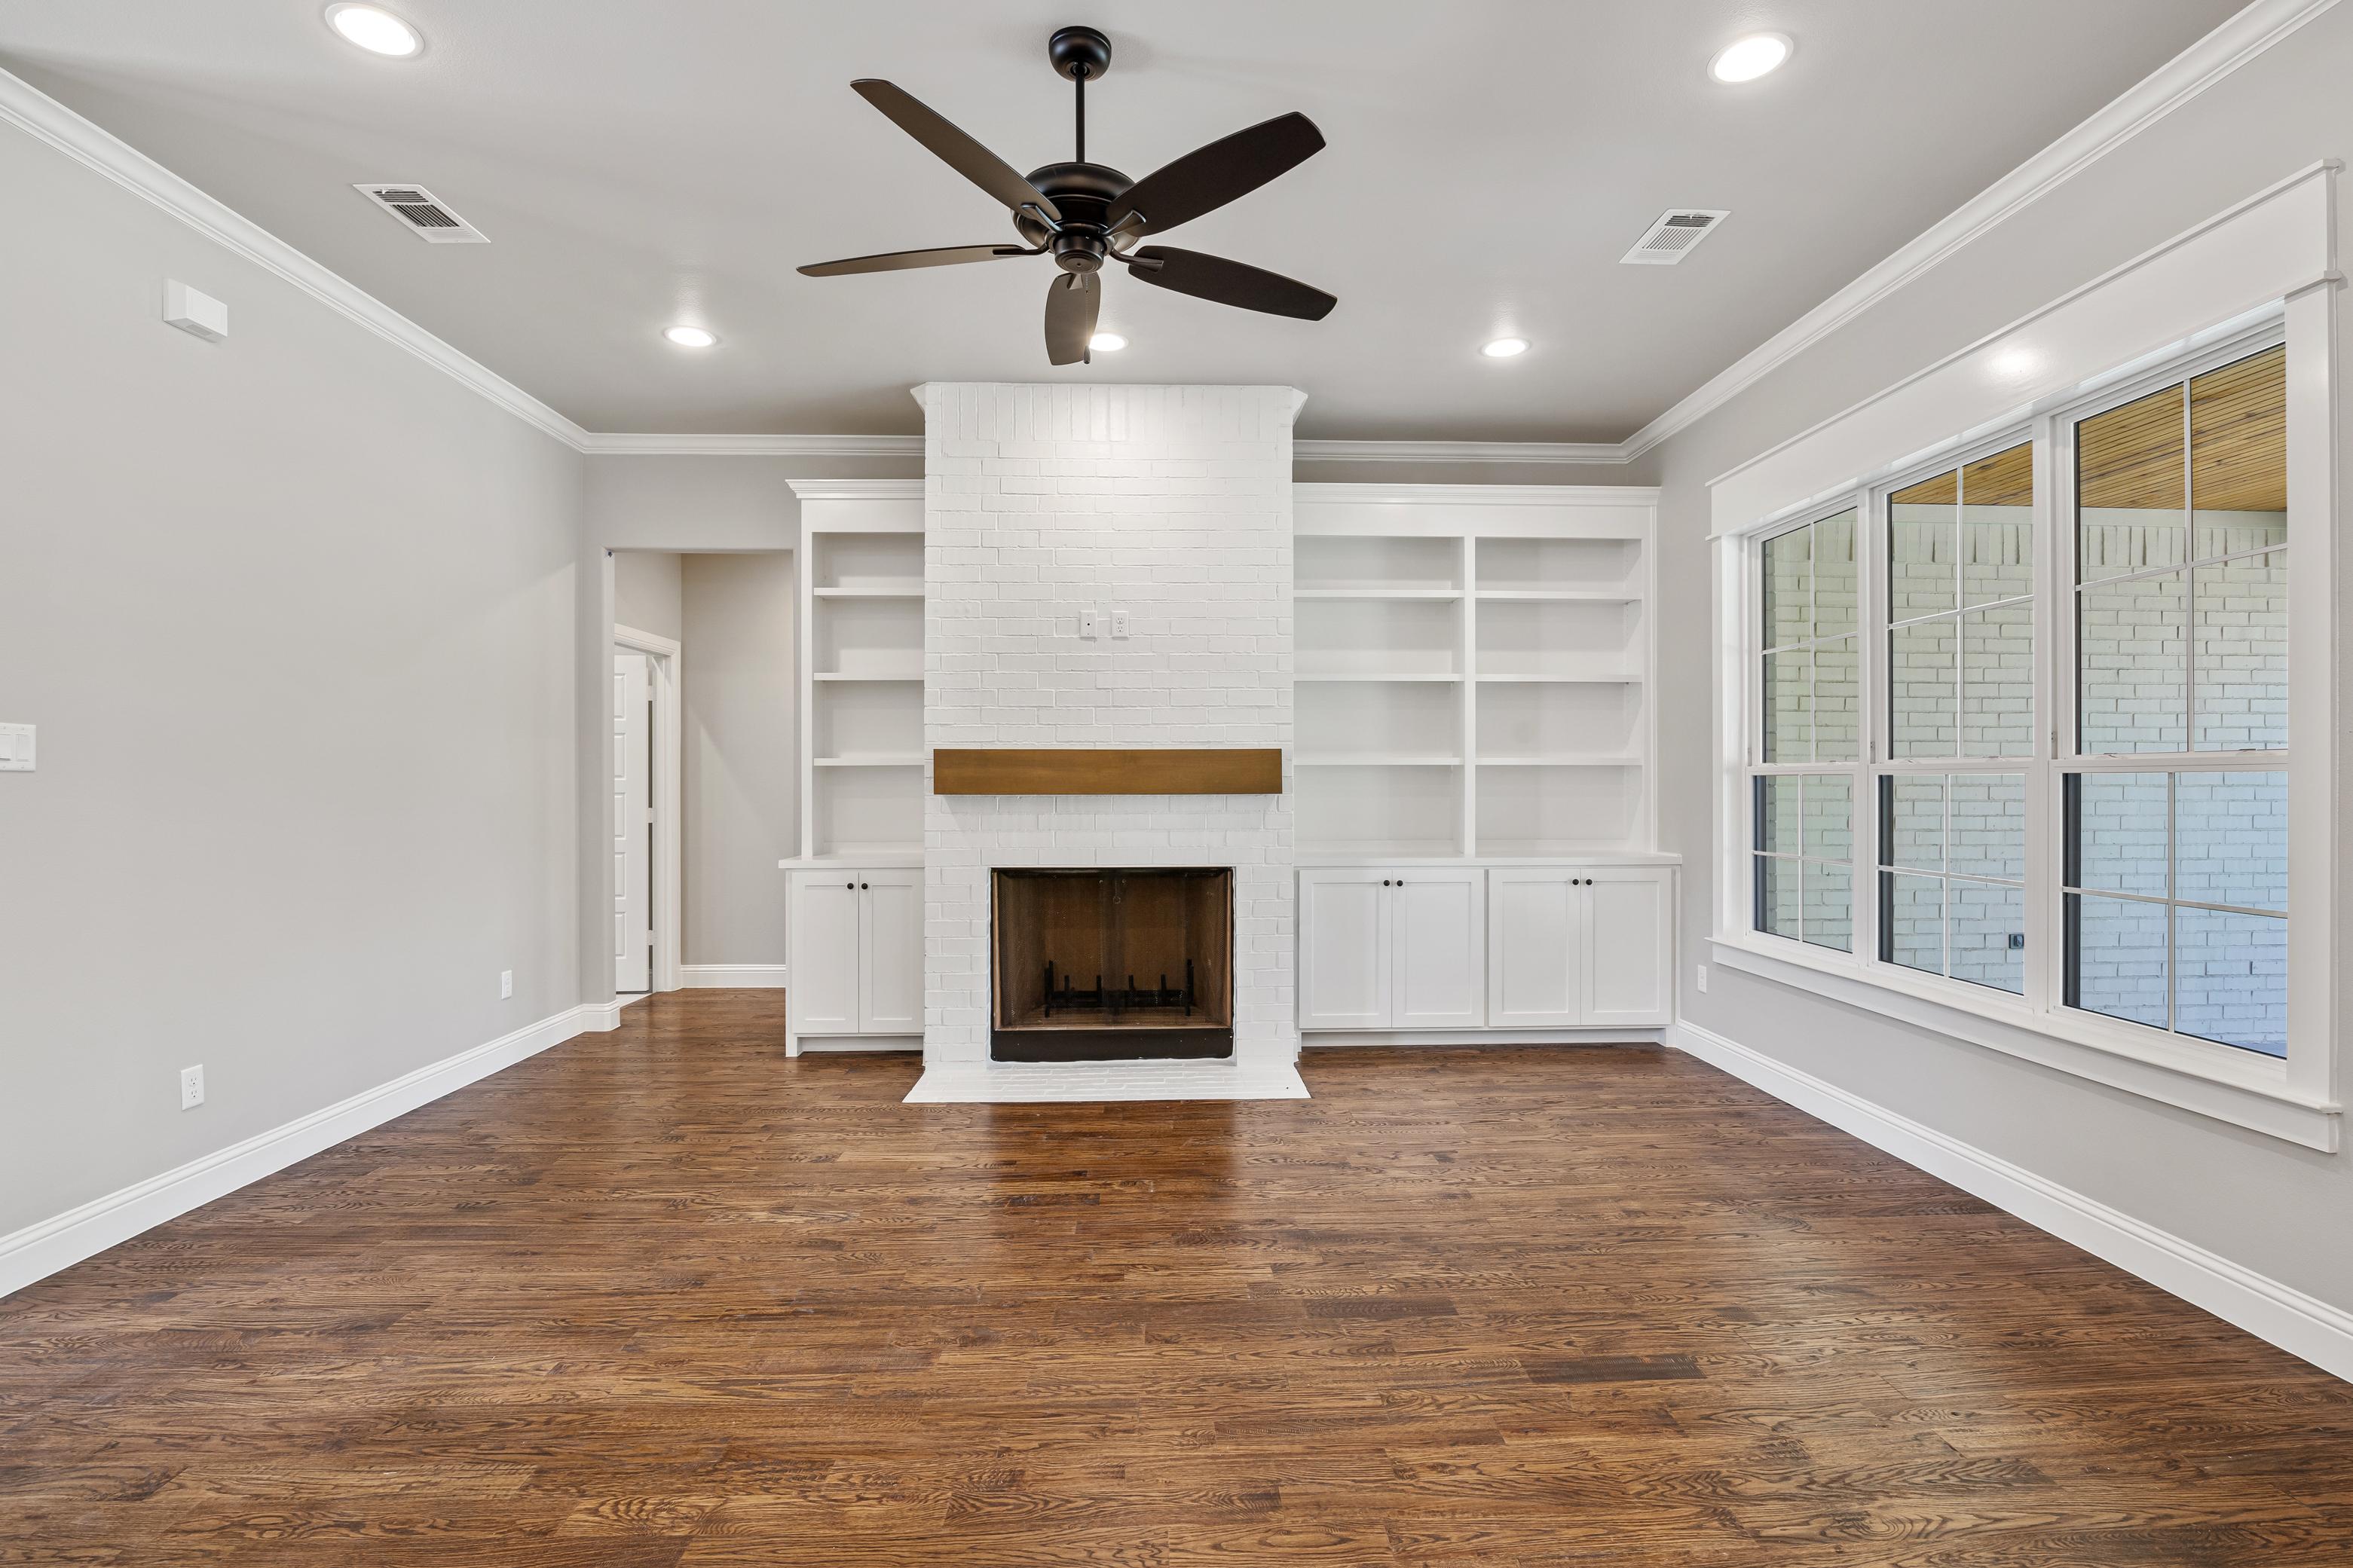 https://0201.nccdn.net/4_2/000/000/03f/ac7/living-room-full-view.jpg